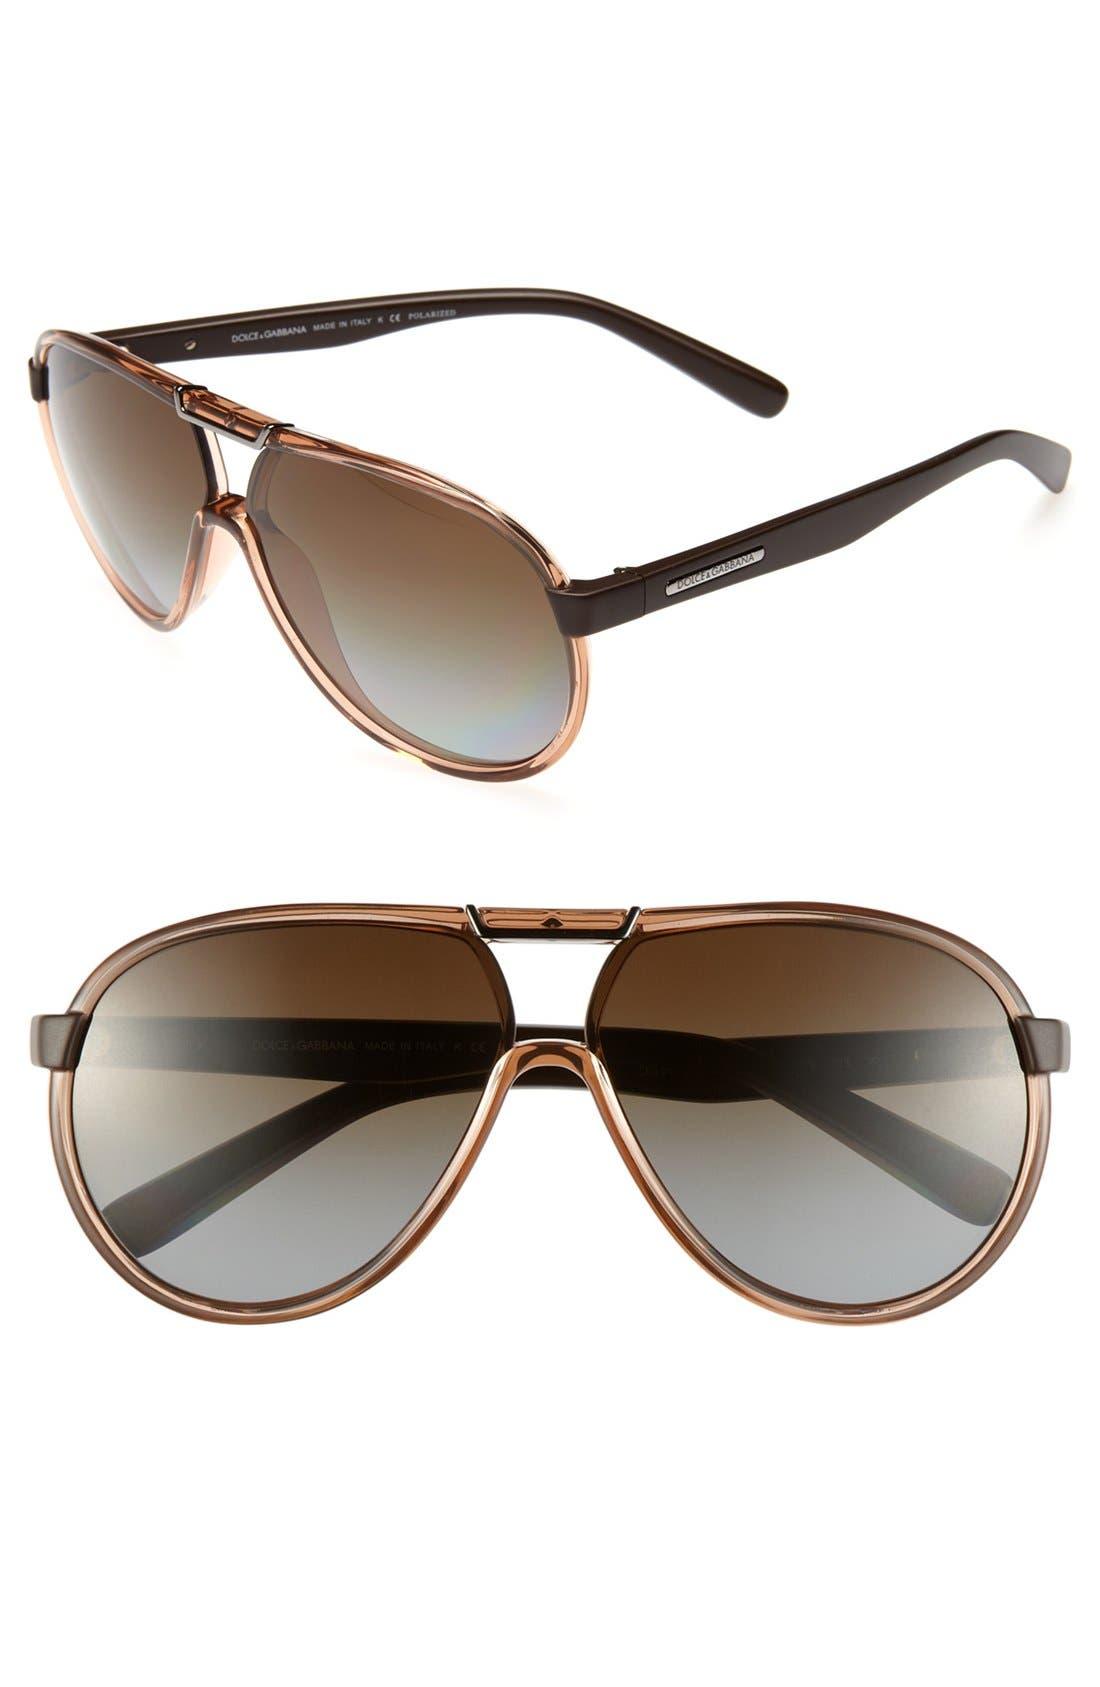 Main Image - Dolce&Gabbana 63mm Polarized Brow Bar Sunglasses